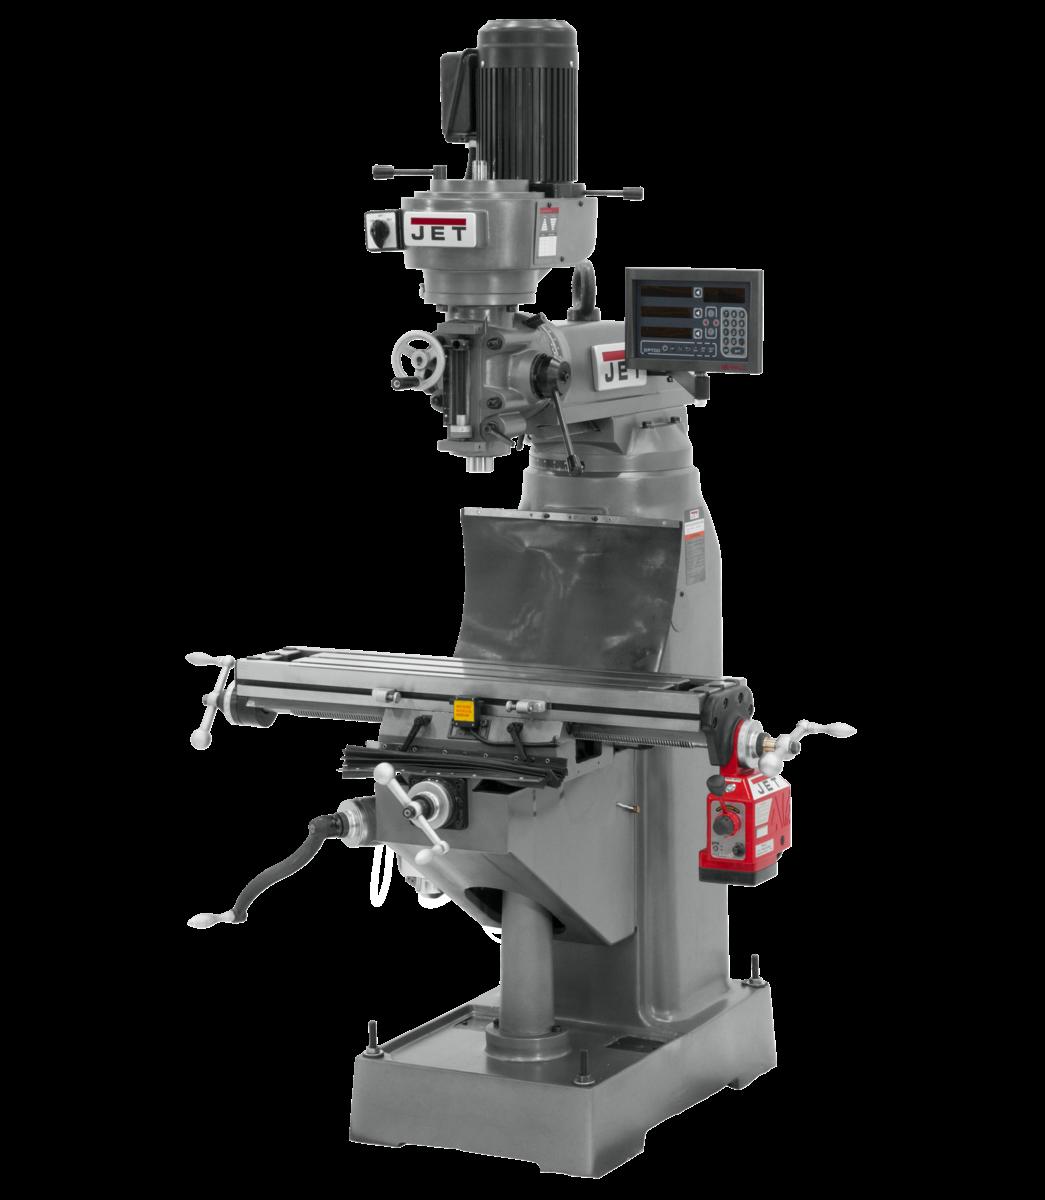 Fresadora JVM-836-1 con visualizador de posición digital NEWALL DP700 y alimentación automática